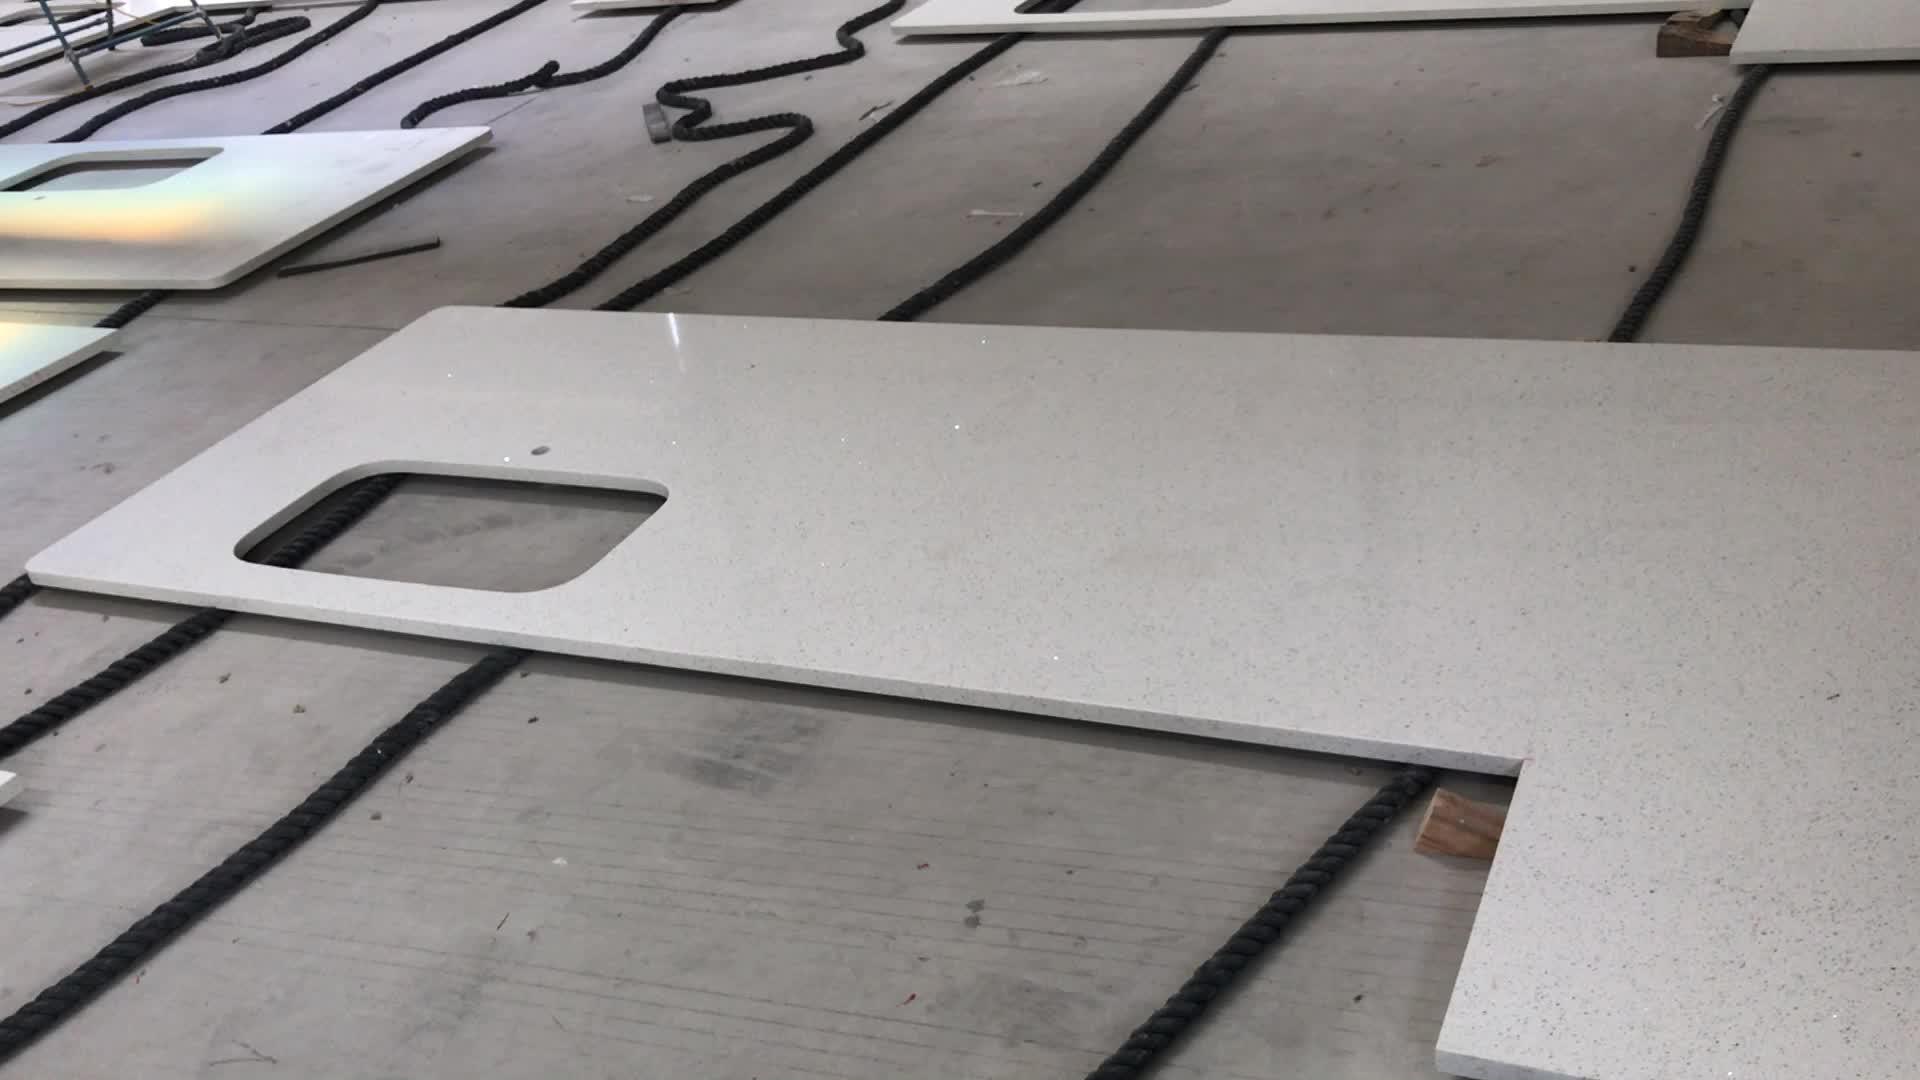 크리스탈 화이트 석영 싱크대, 주방 카운터 탑 석영 흰색